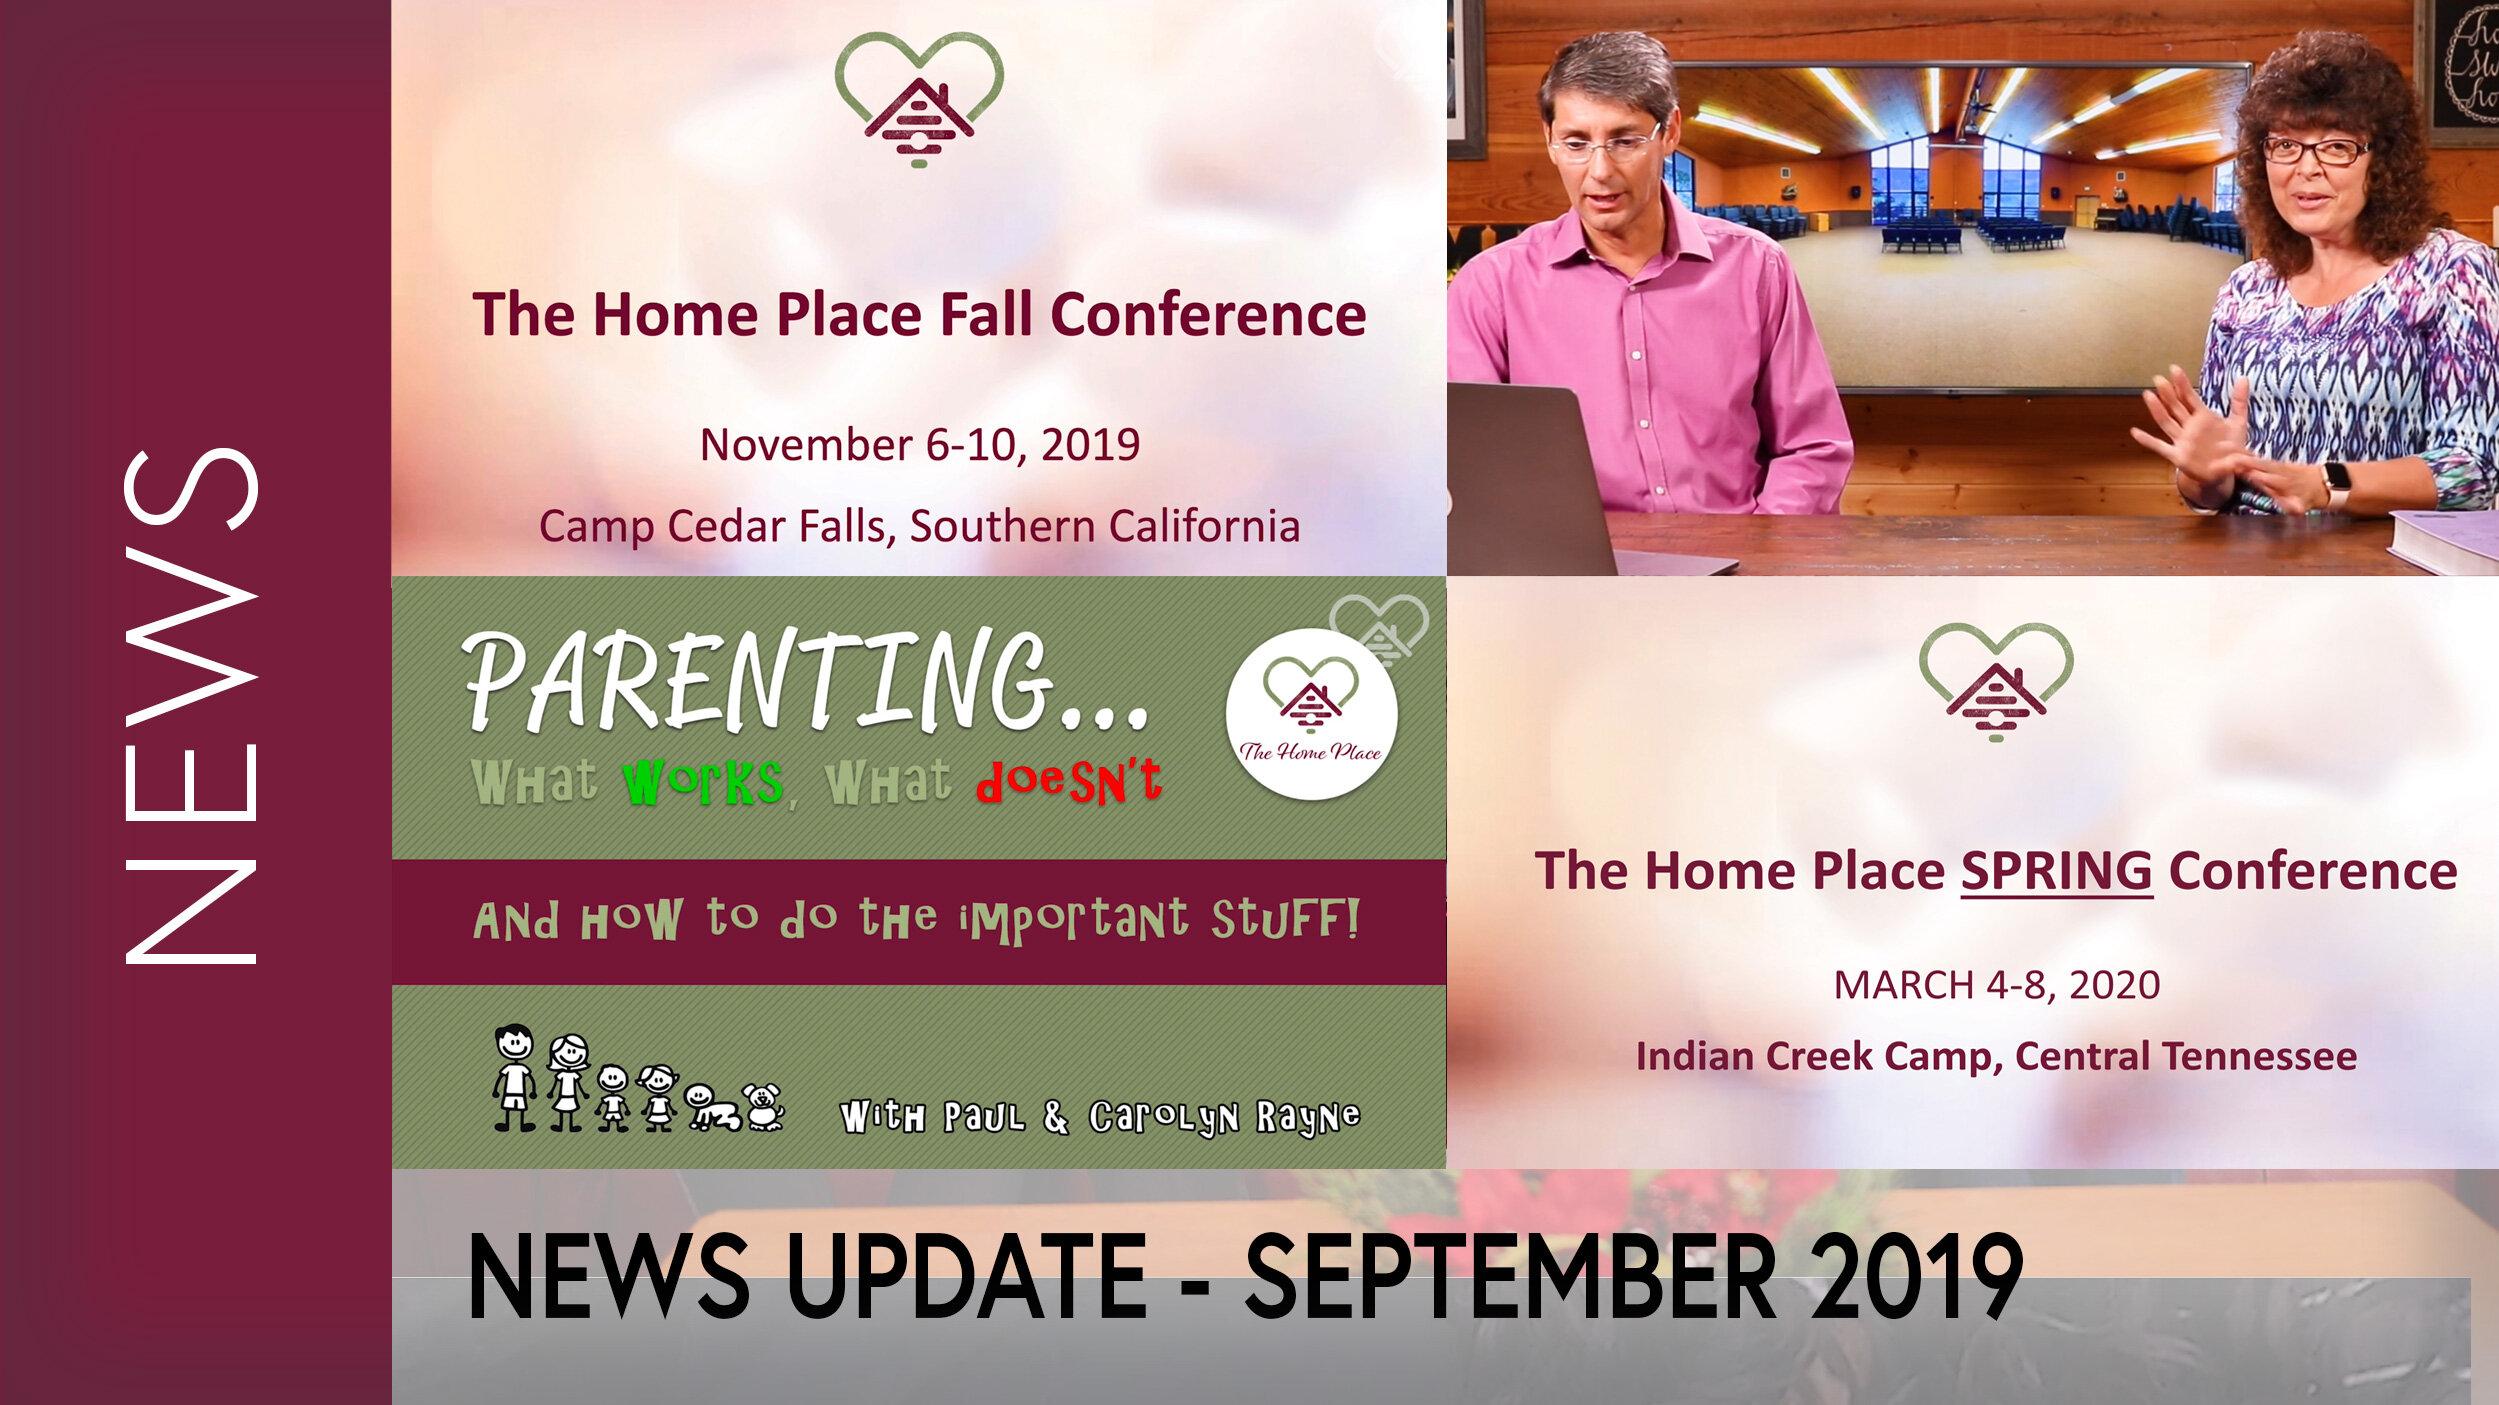 news-update-sept-2019.jpg